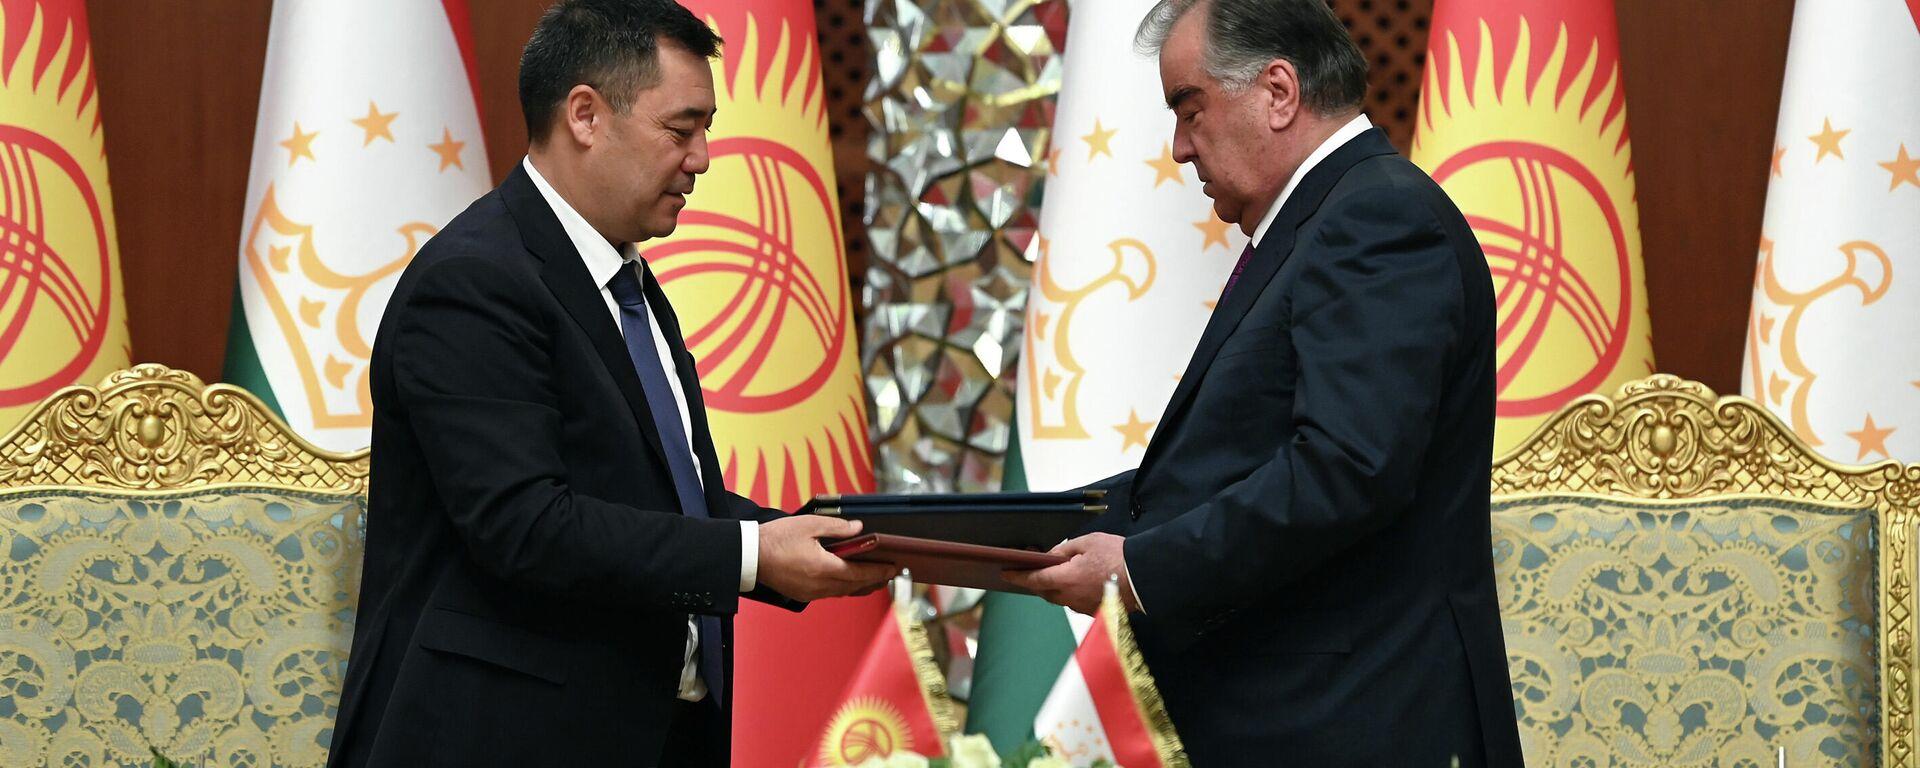 Президент Таджикистан Эмомали Рахмон и президент Кыргызстана Садыр Жапаров подписали ряд документов - Sputnik Таджикистан, 1920, 29.06.2021